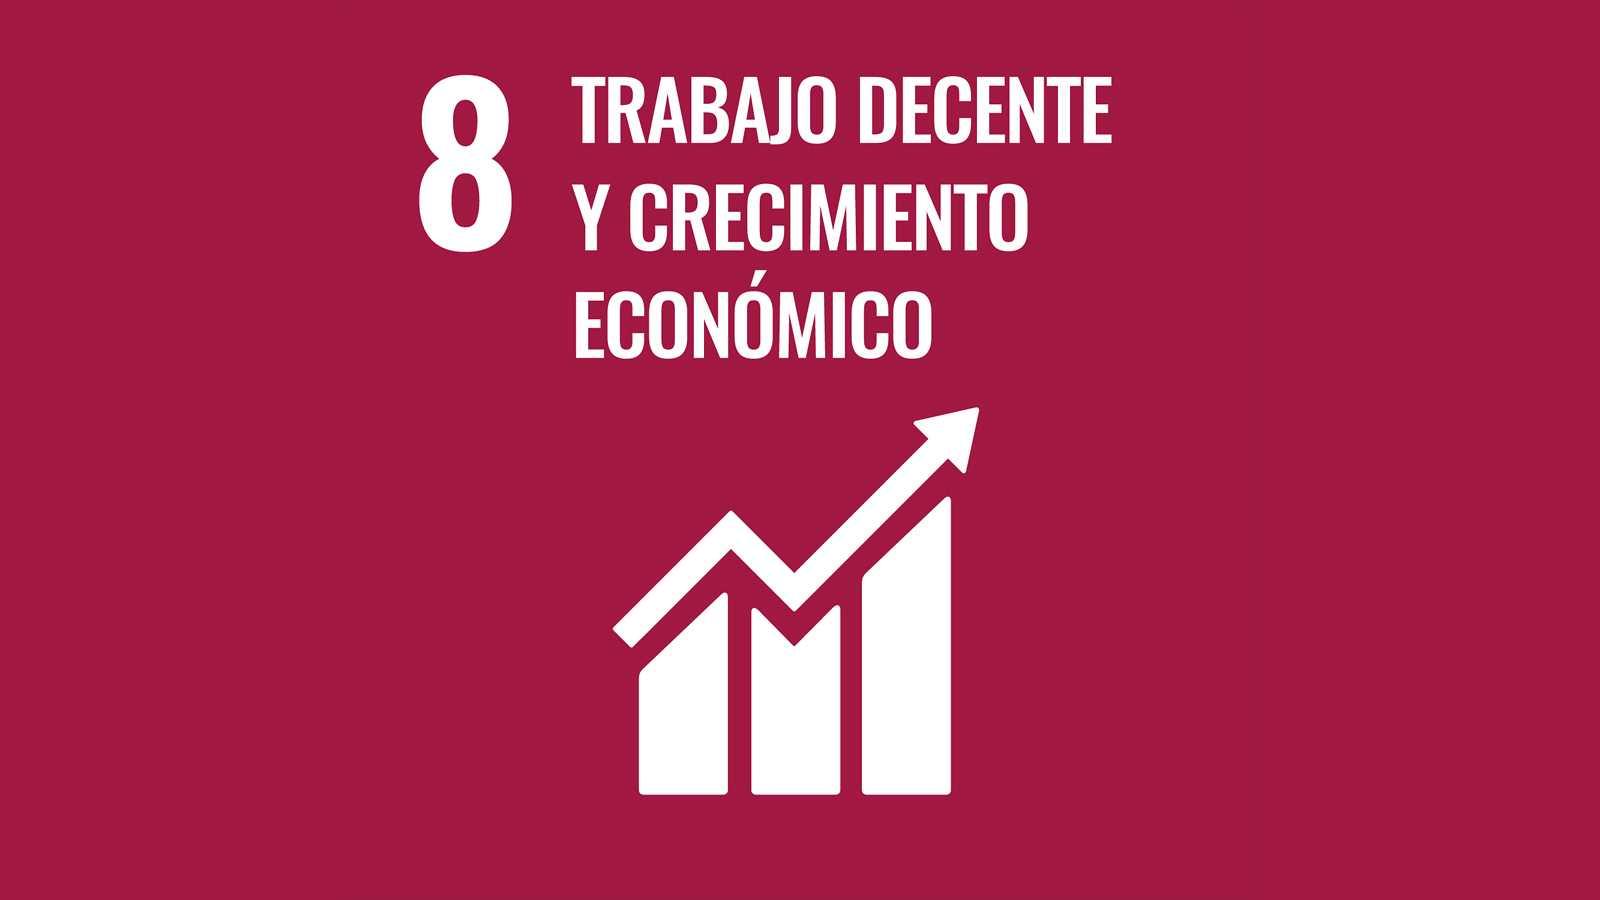 Objetivo de desarrollo sostenible 8